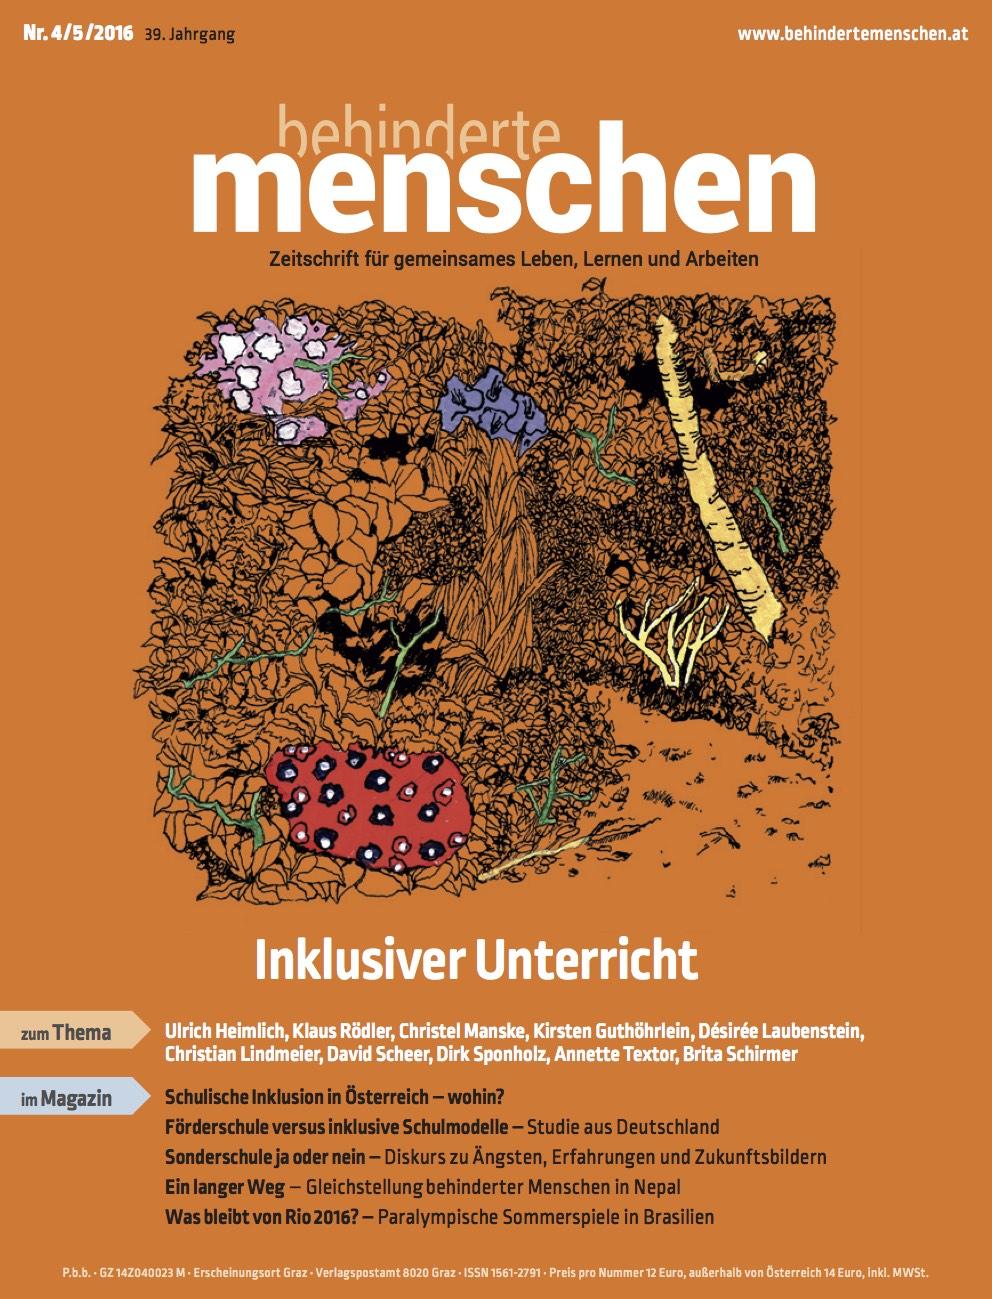 """Titelbild der Zeitschrift BEHINDERTE MENSCHEN, Ausgabe 4/5/2016 """"Inklusiver Unterricht"""""""